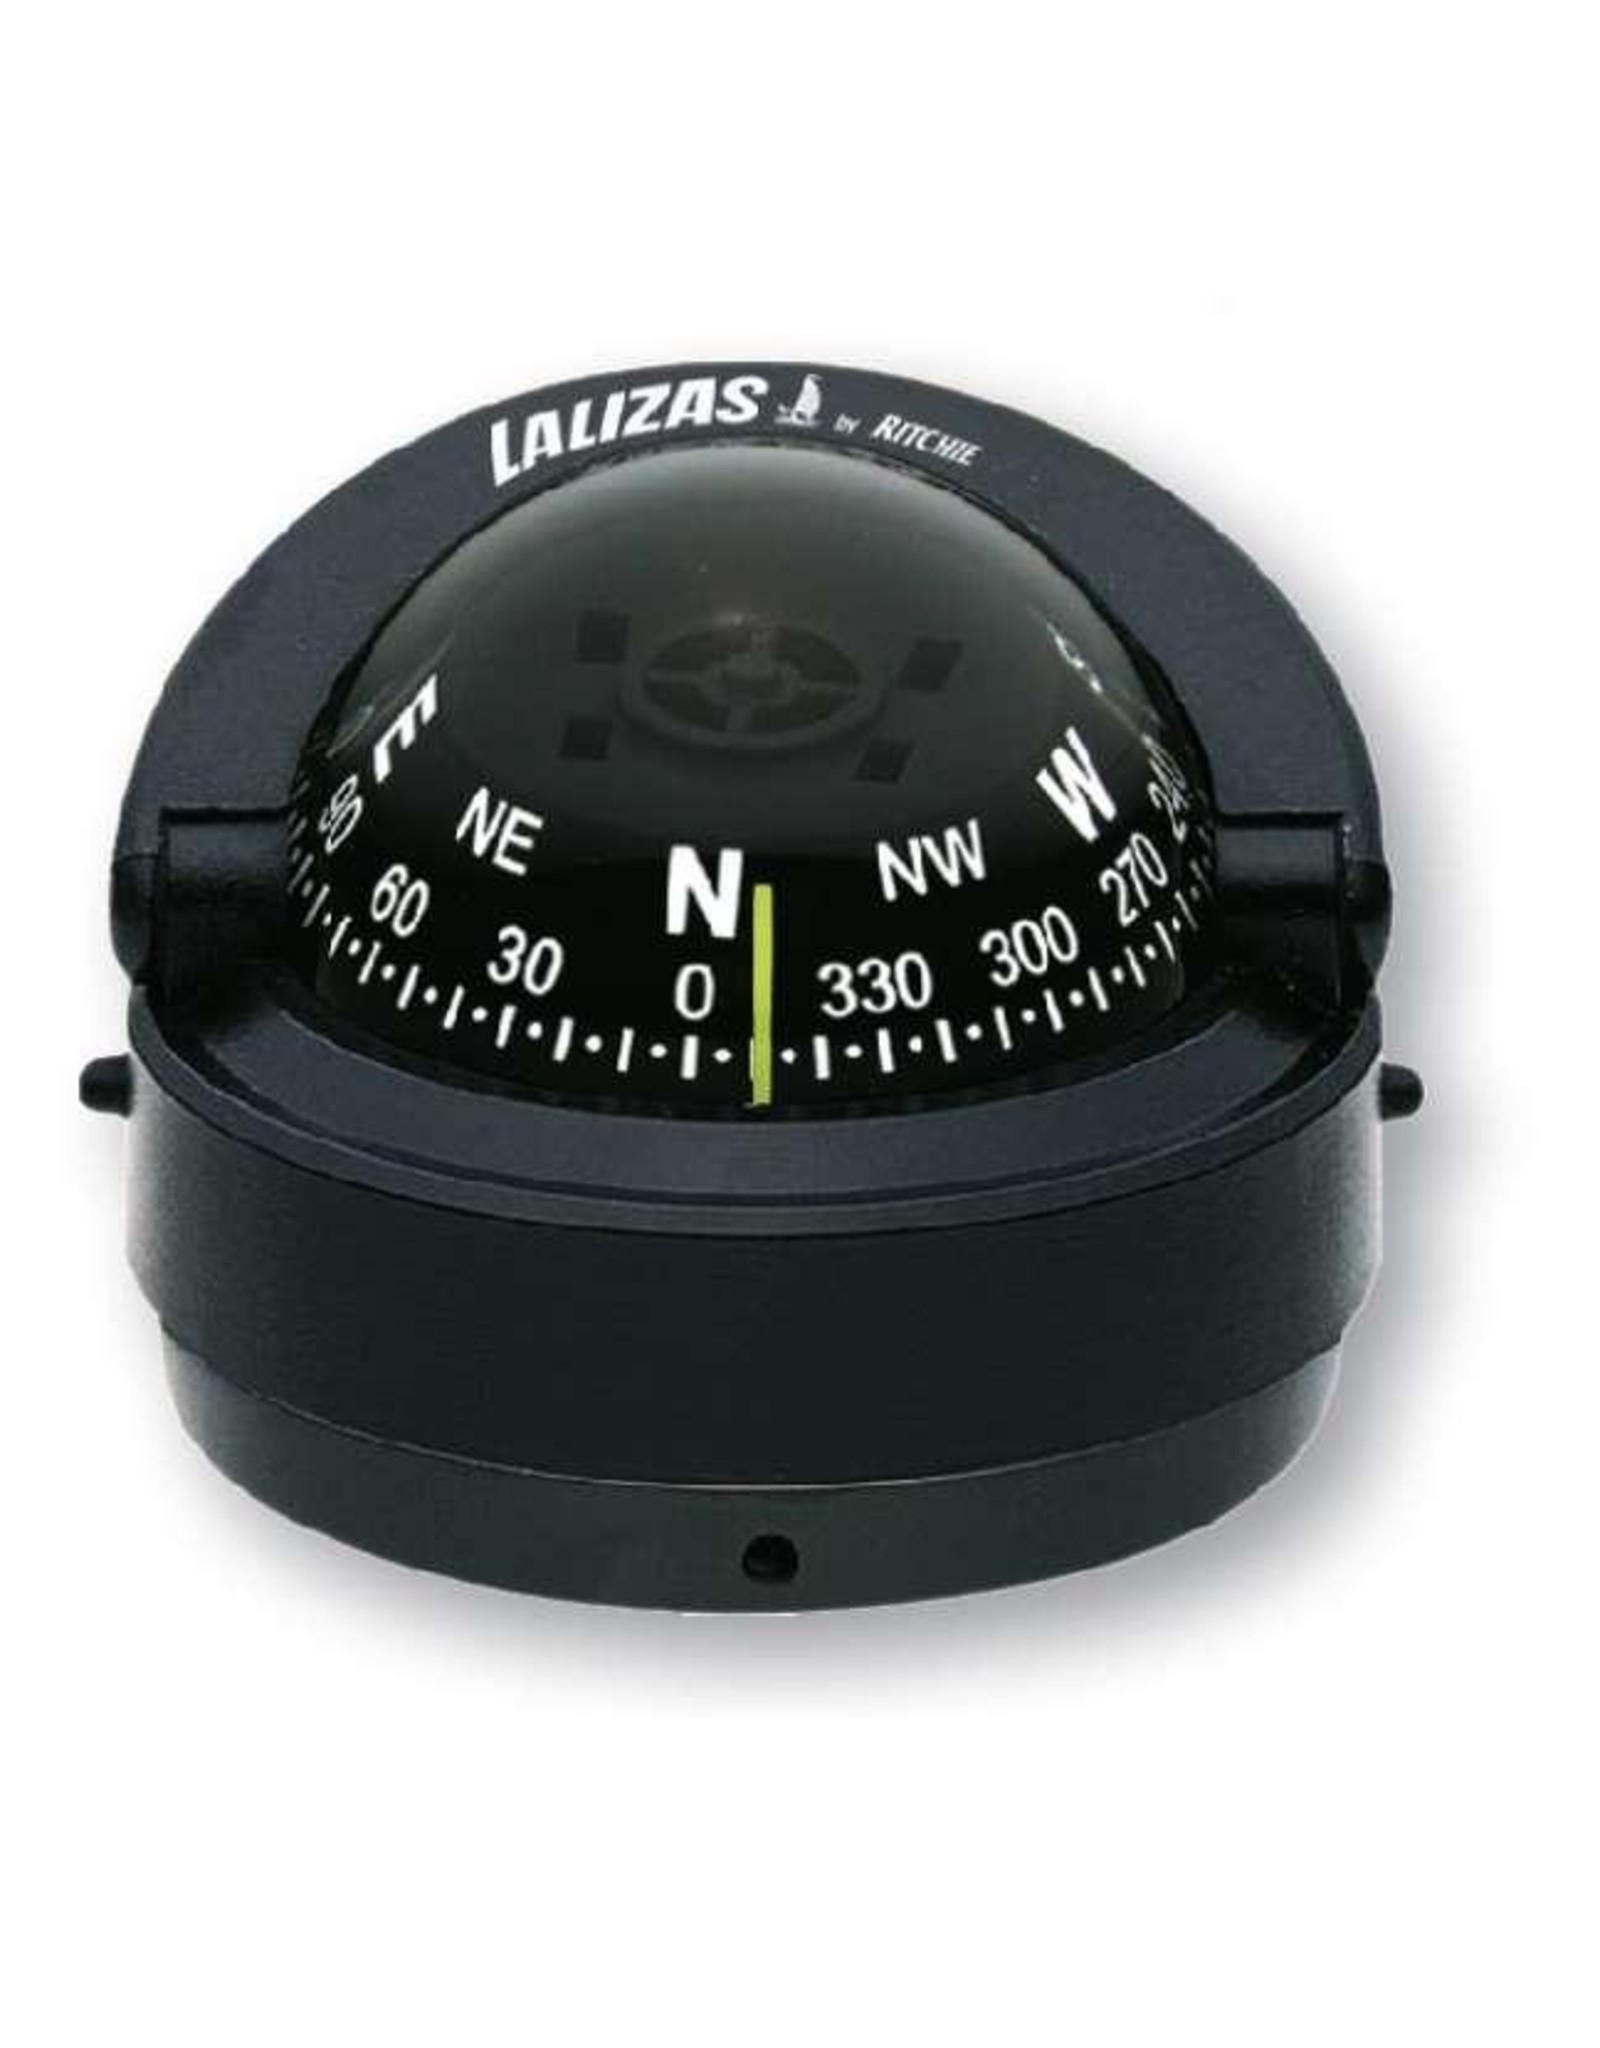 Lalizas explorer kompas met surface mount